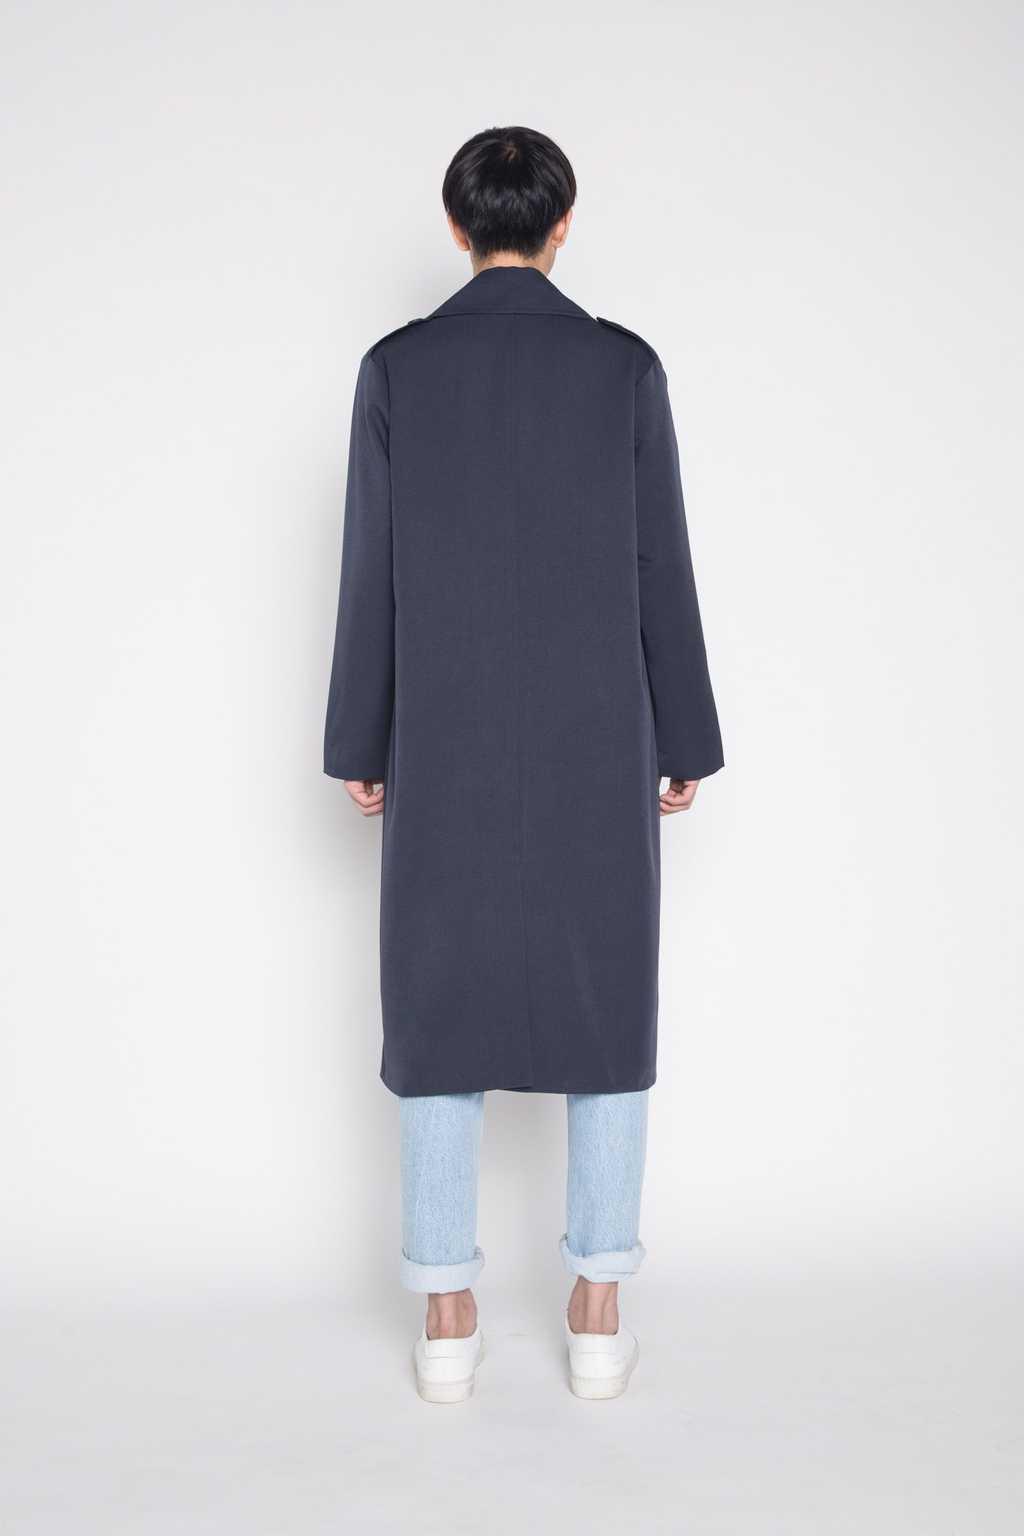 Coat H002 Navy 4